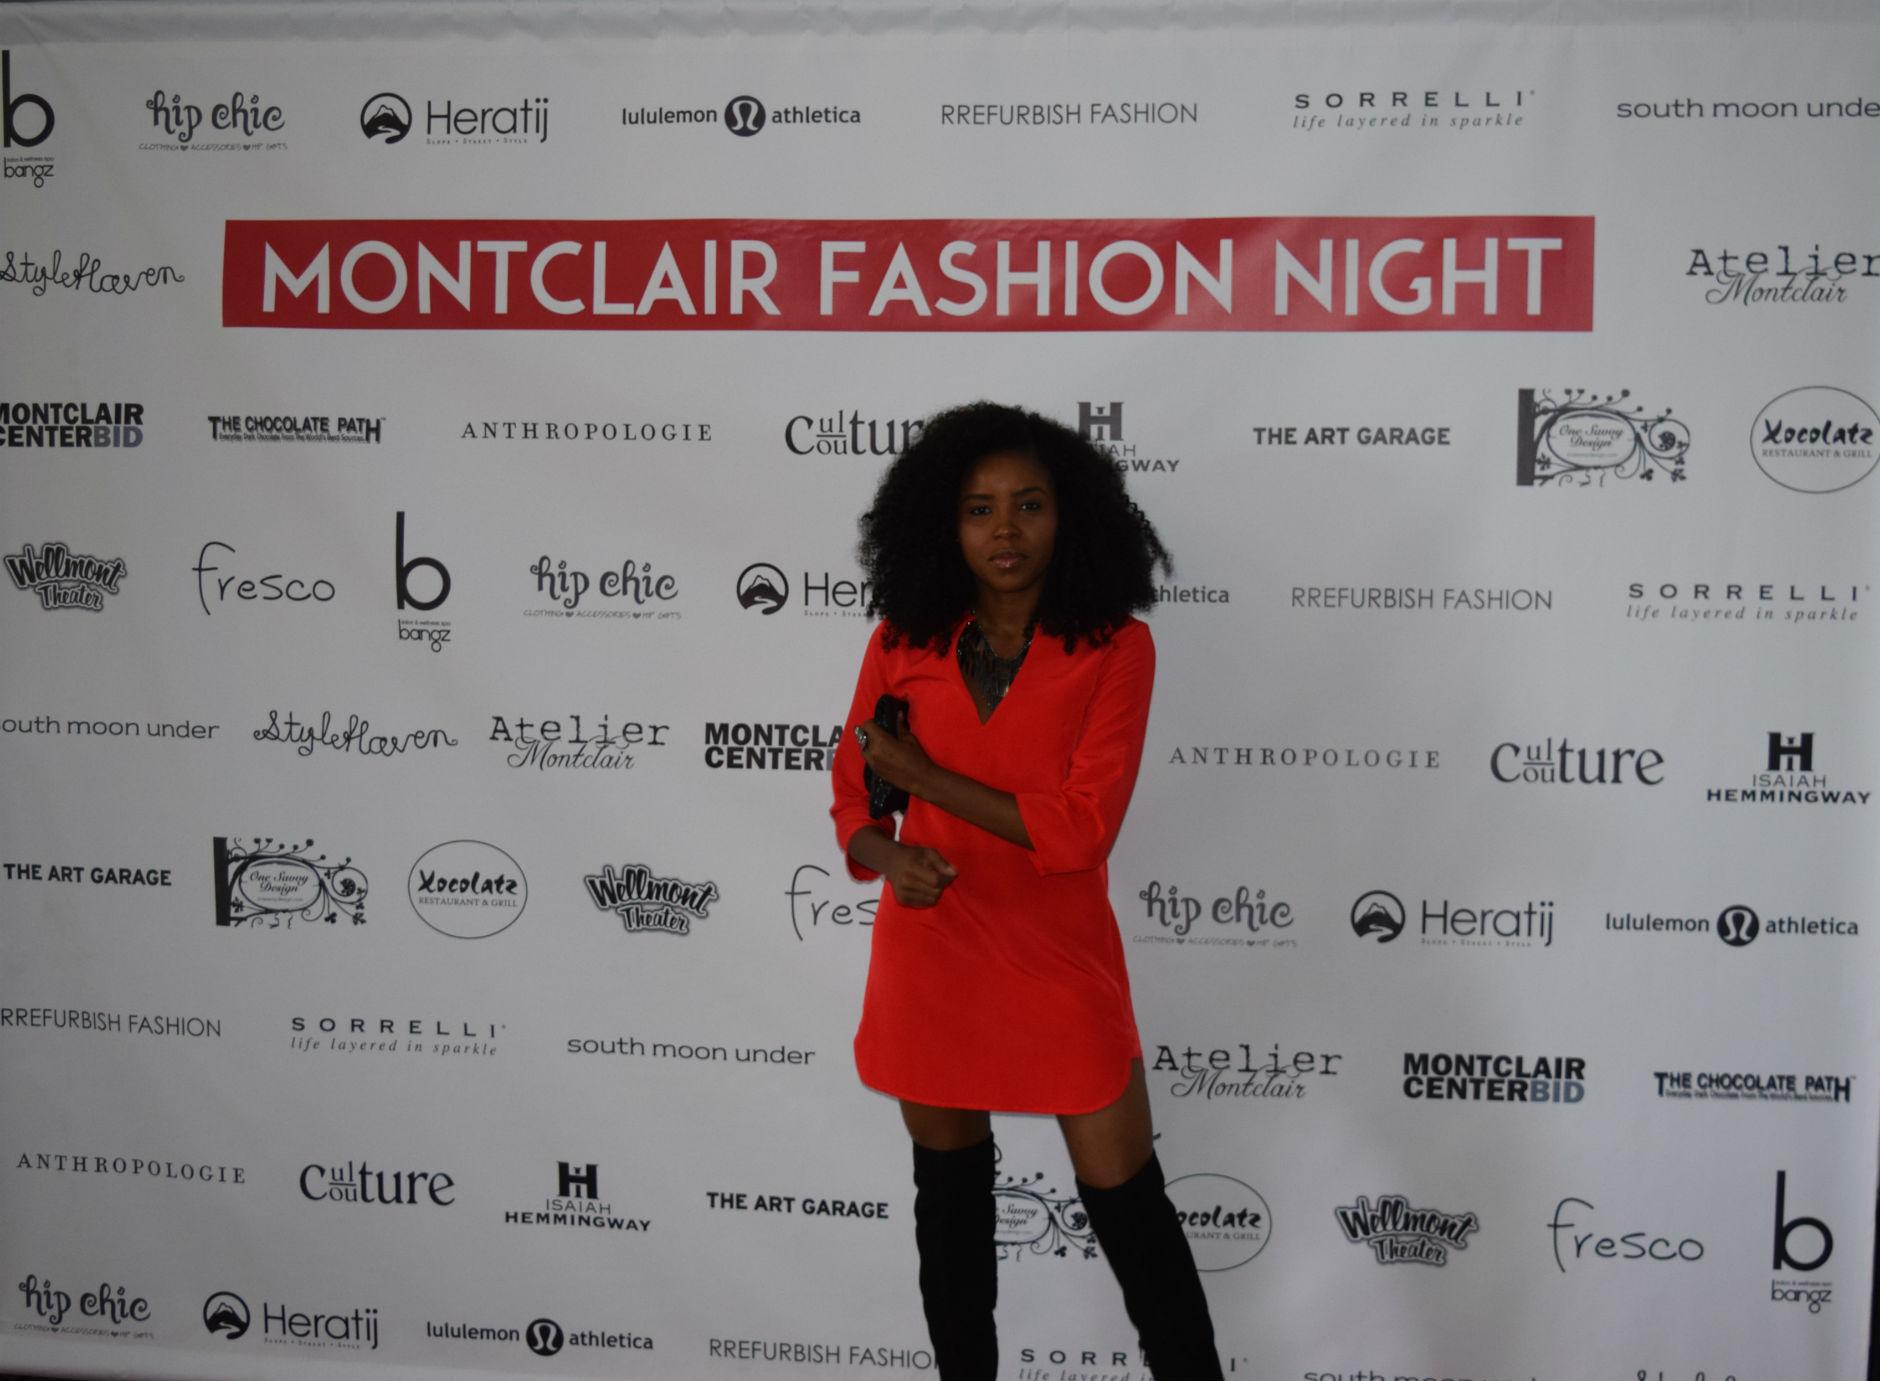 226f641b925a8f72a140_fashion.night7.jpg